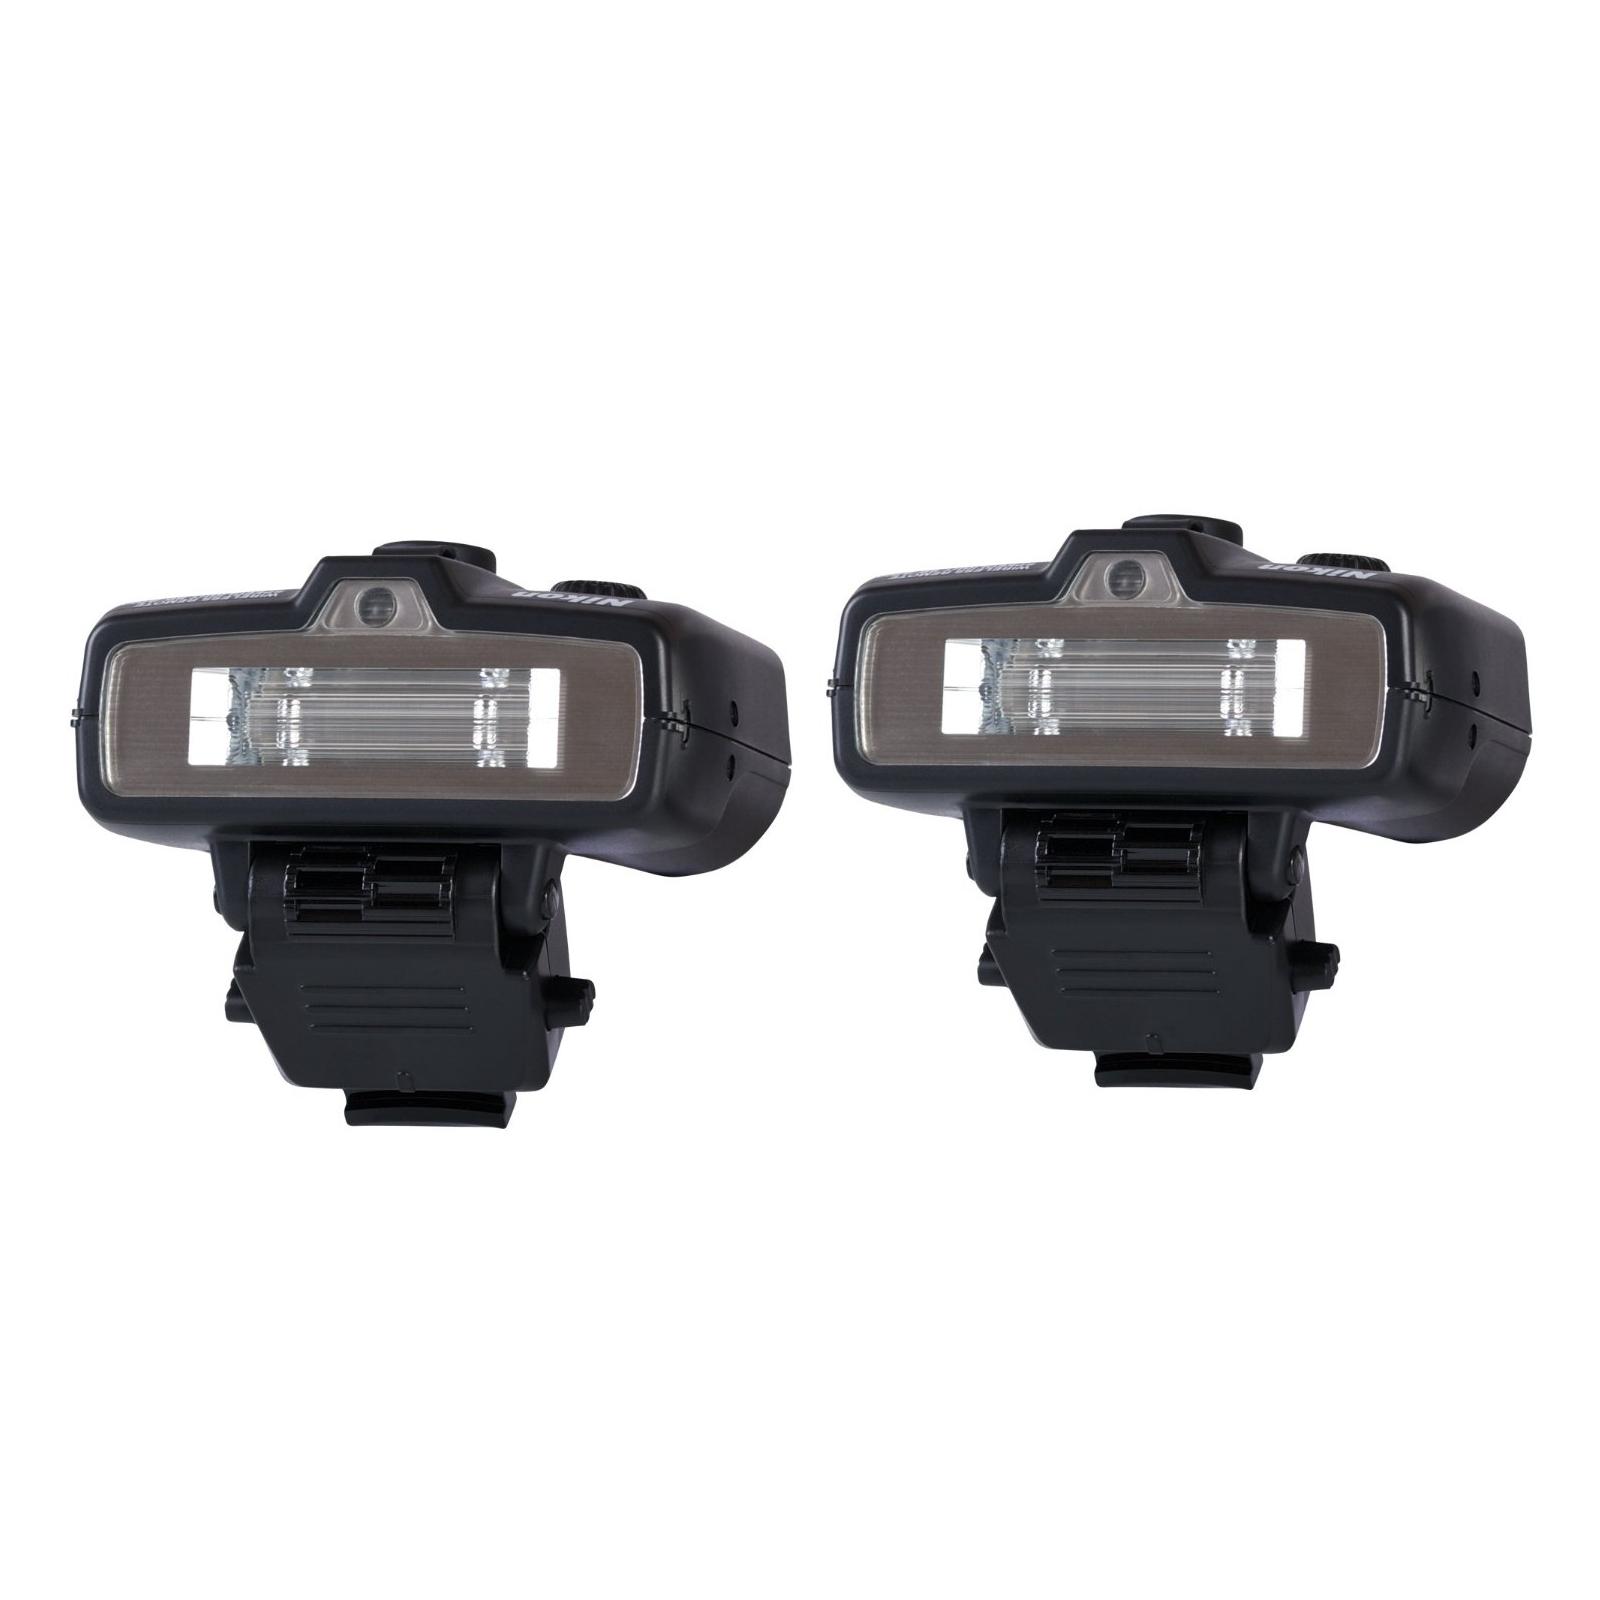 Вспышка Nikon SB-R200 + R1C1 (FSA906CA) изображение 2